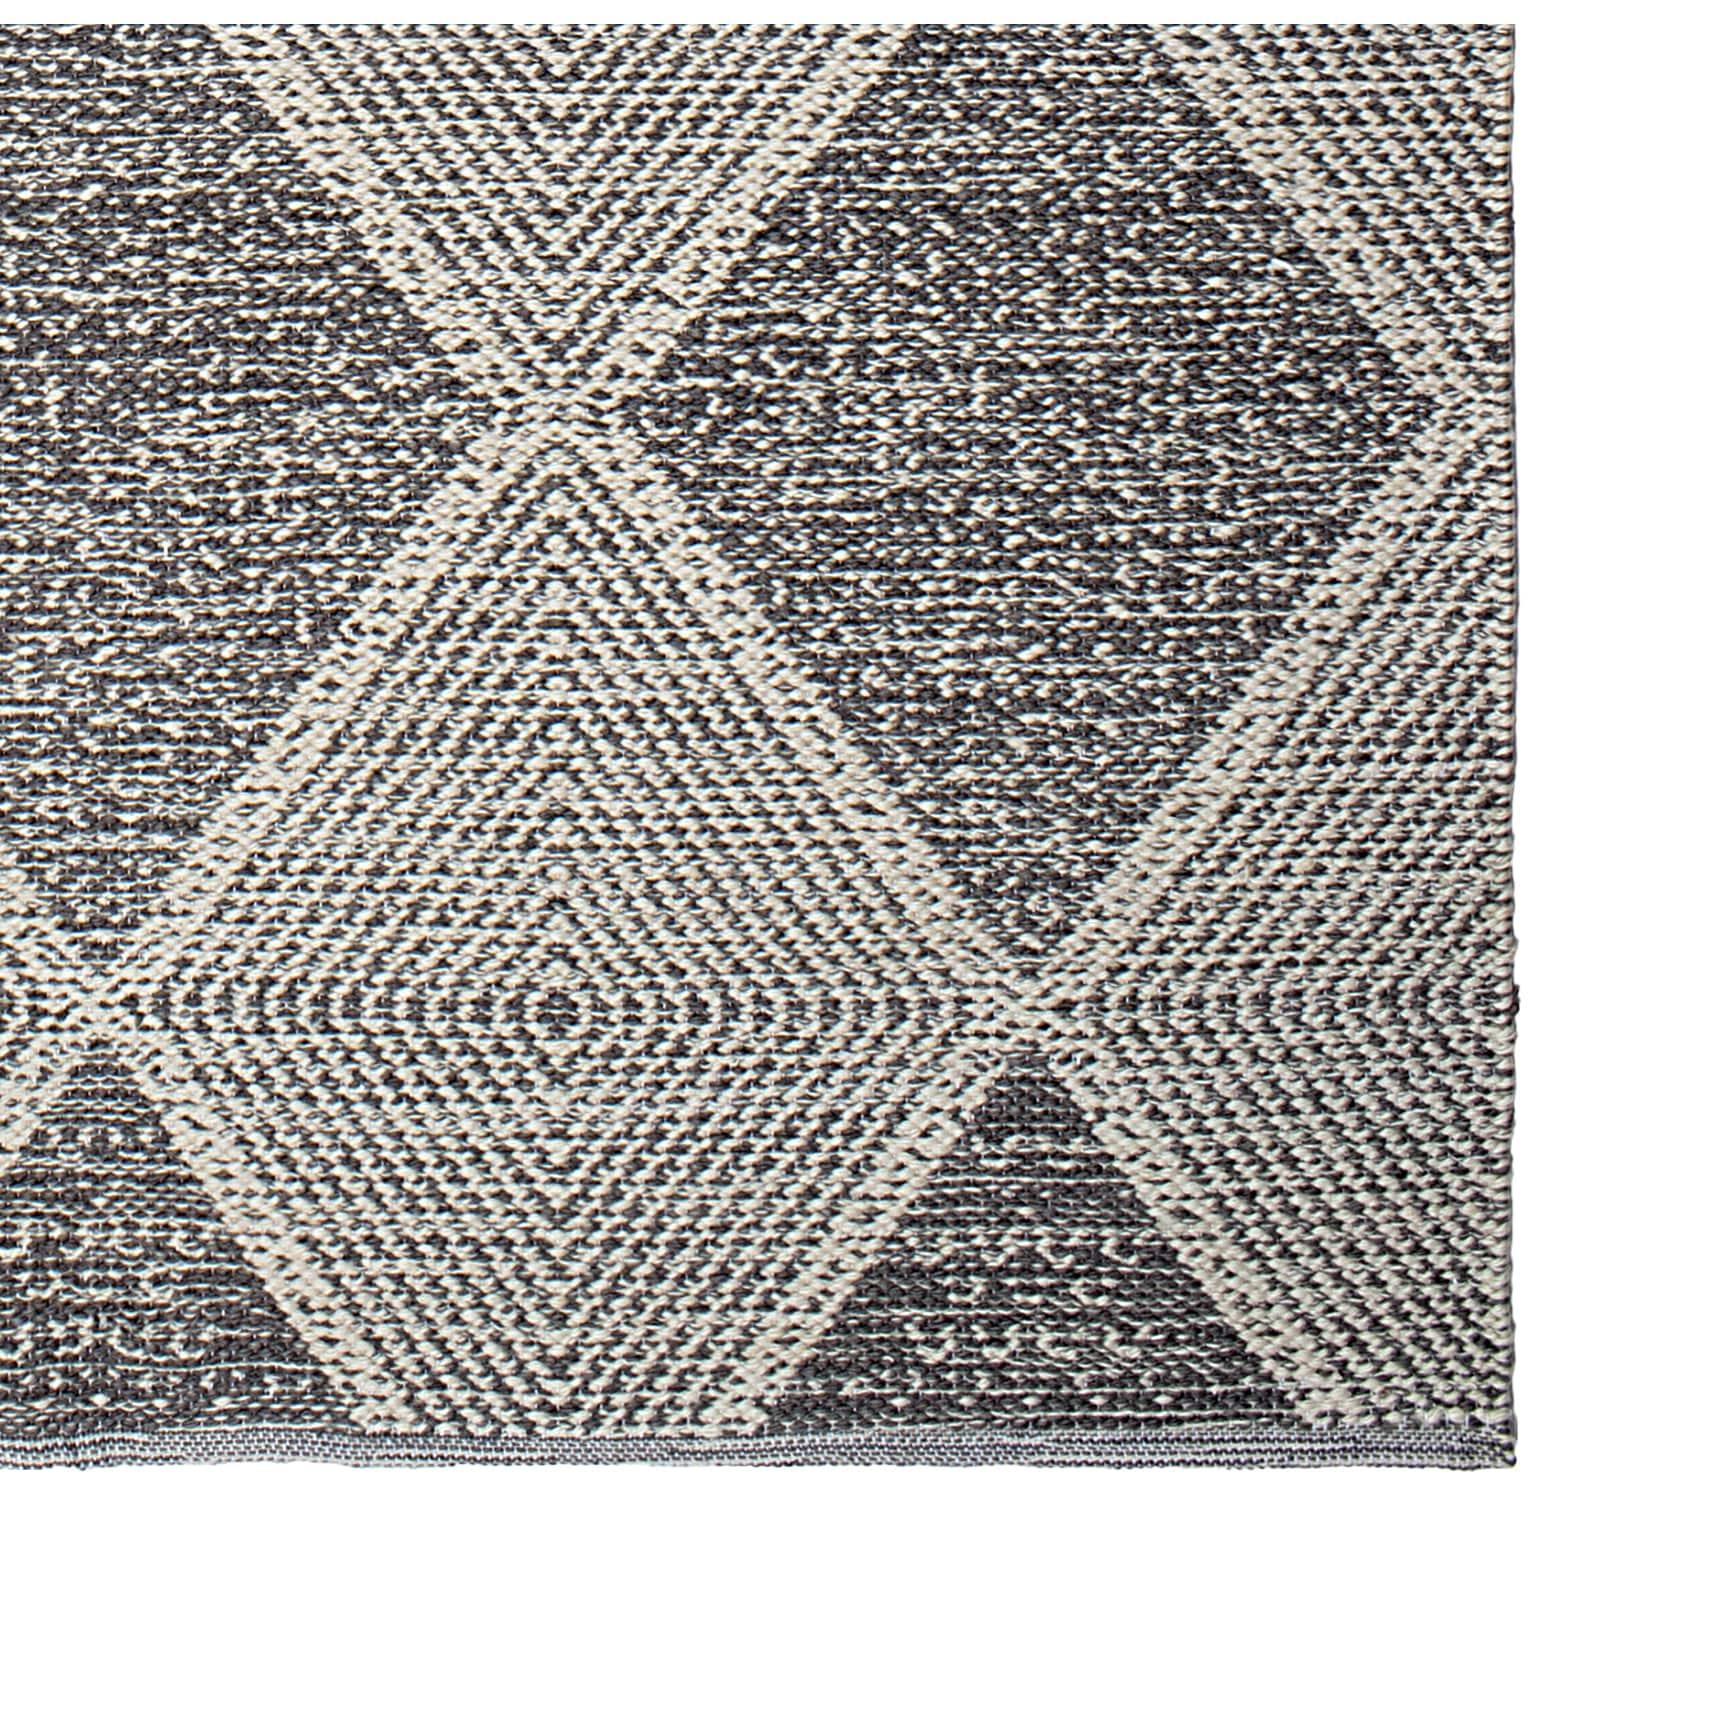 Shop Fab Habitat Indoor Outdoor Floor Rug Handwoven Made From